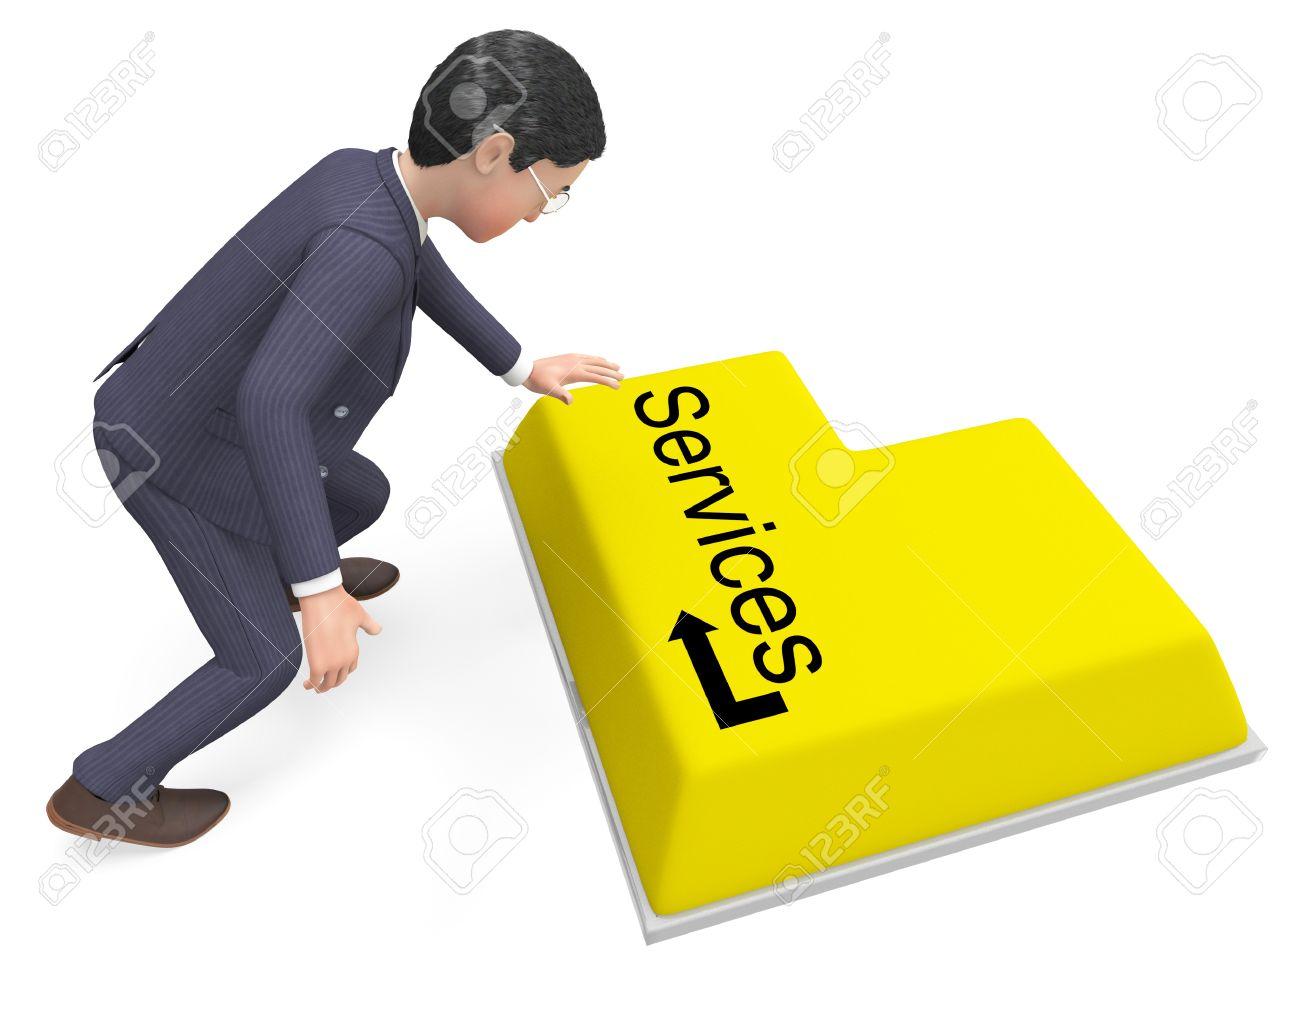 Empresario Seleccion Servicios Significado Help Desk Y Corporacion